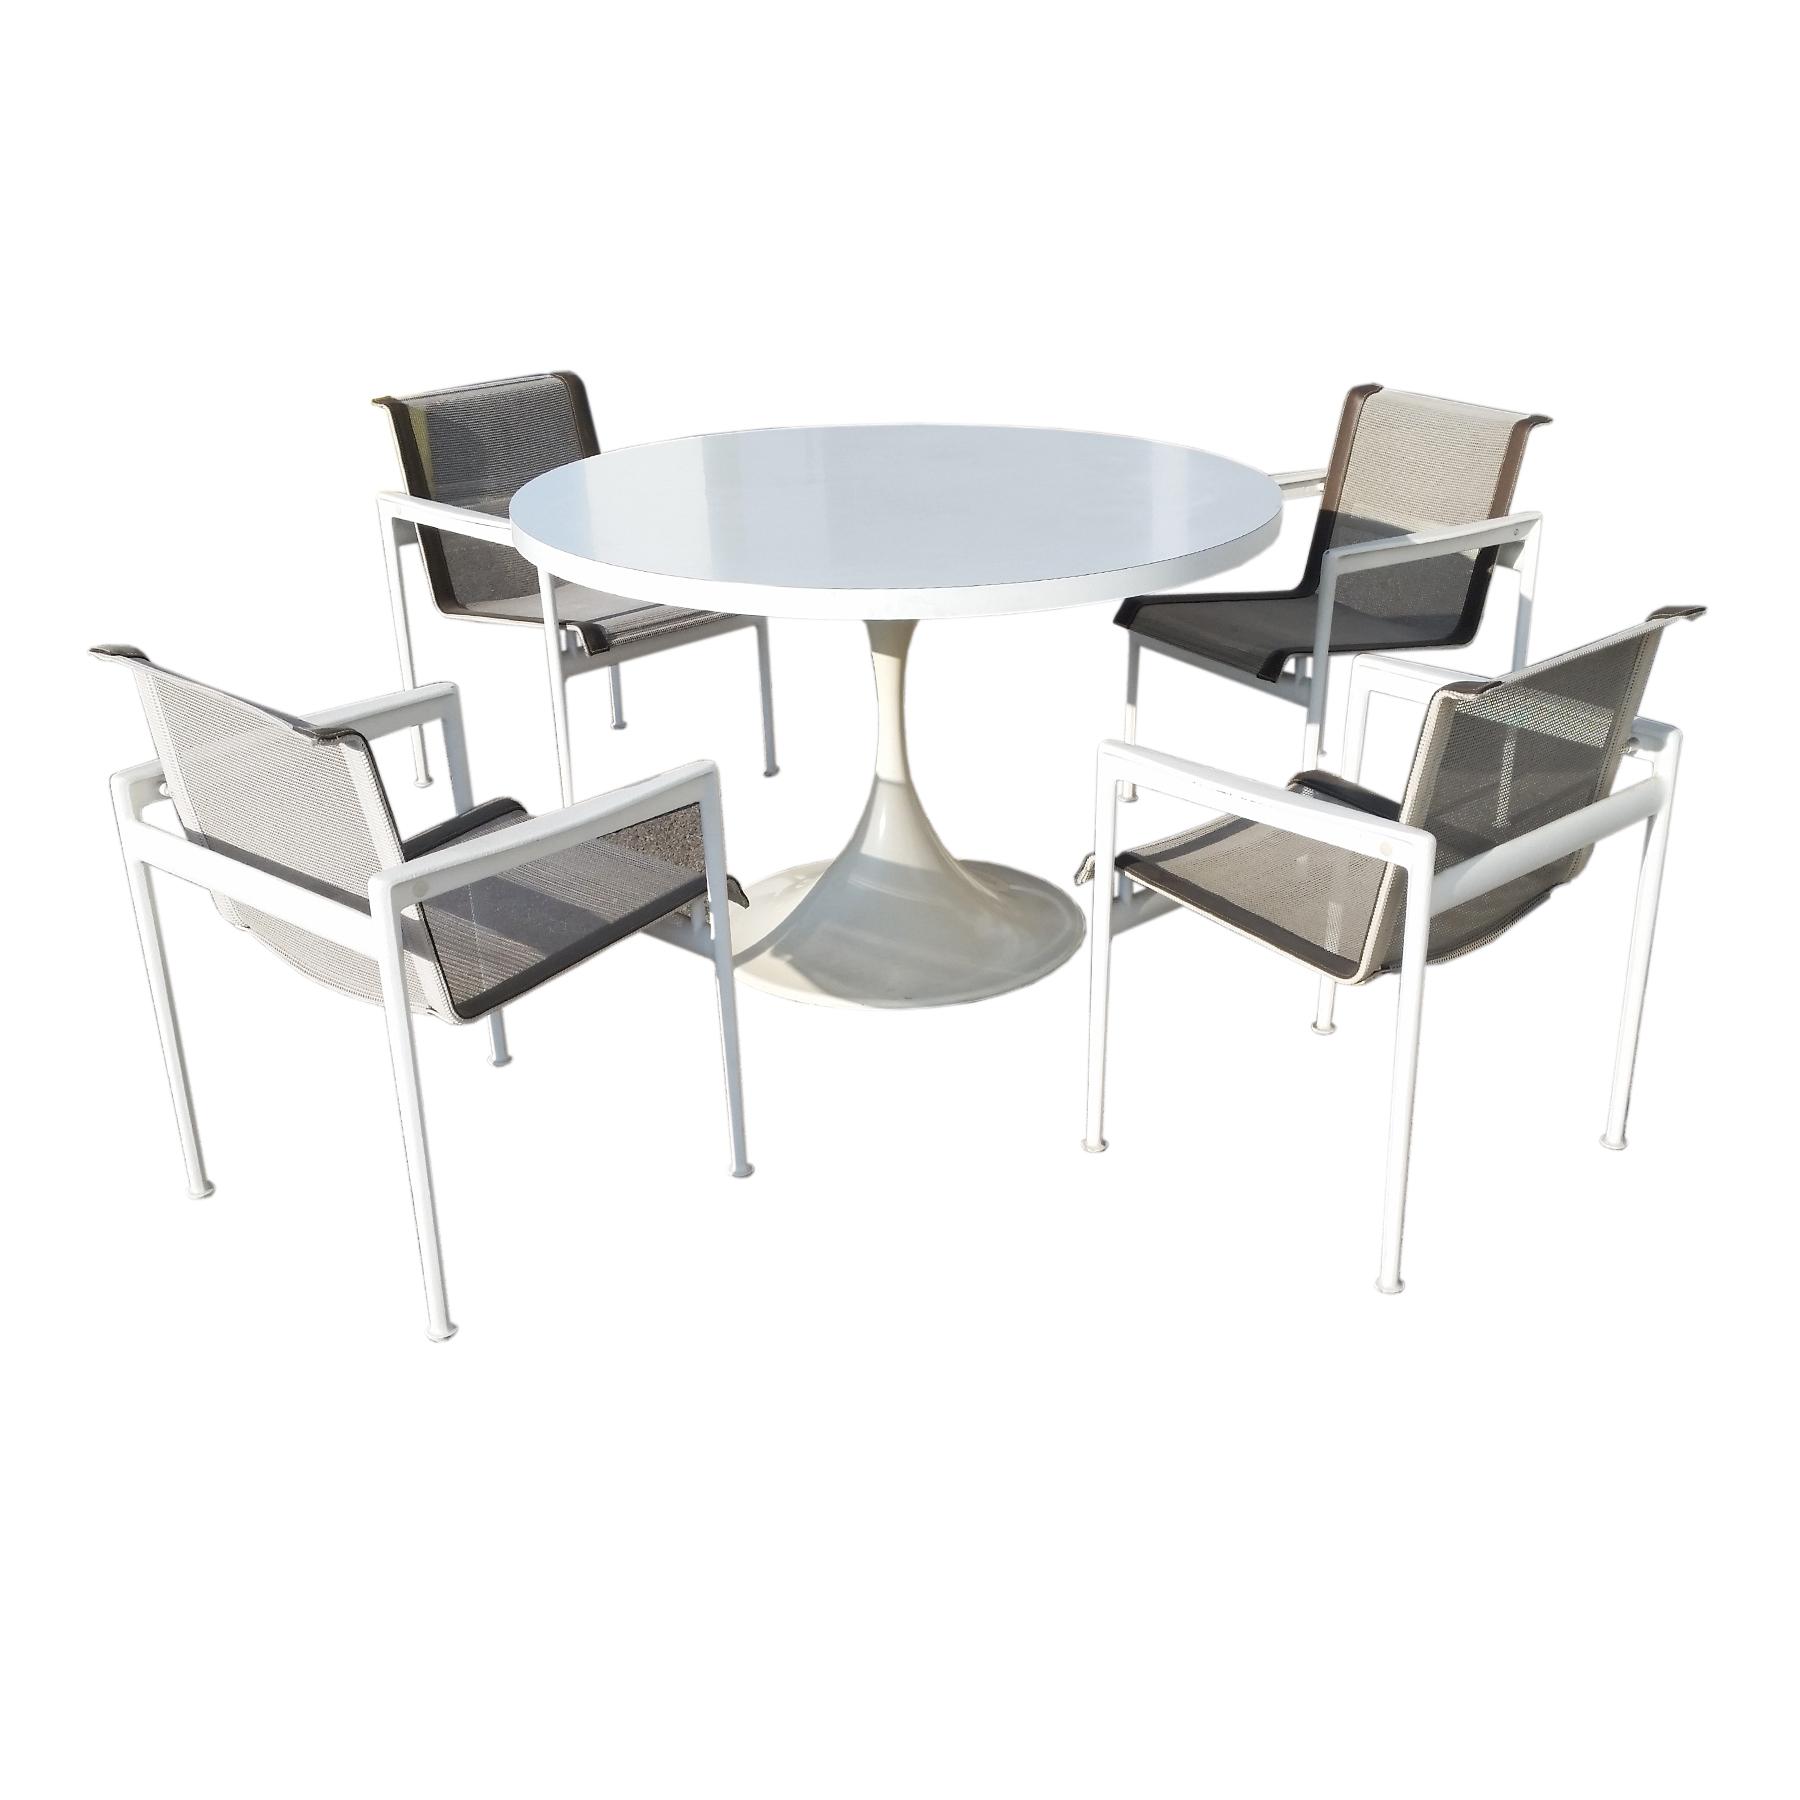 set-4-knoll-outdoor-chair-schultz